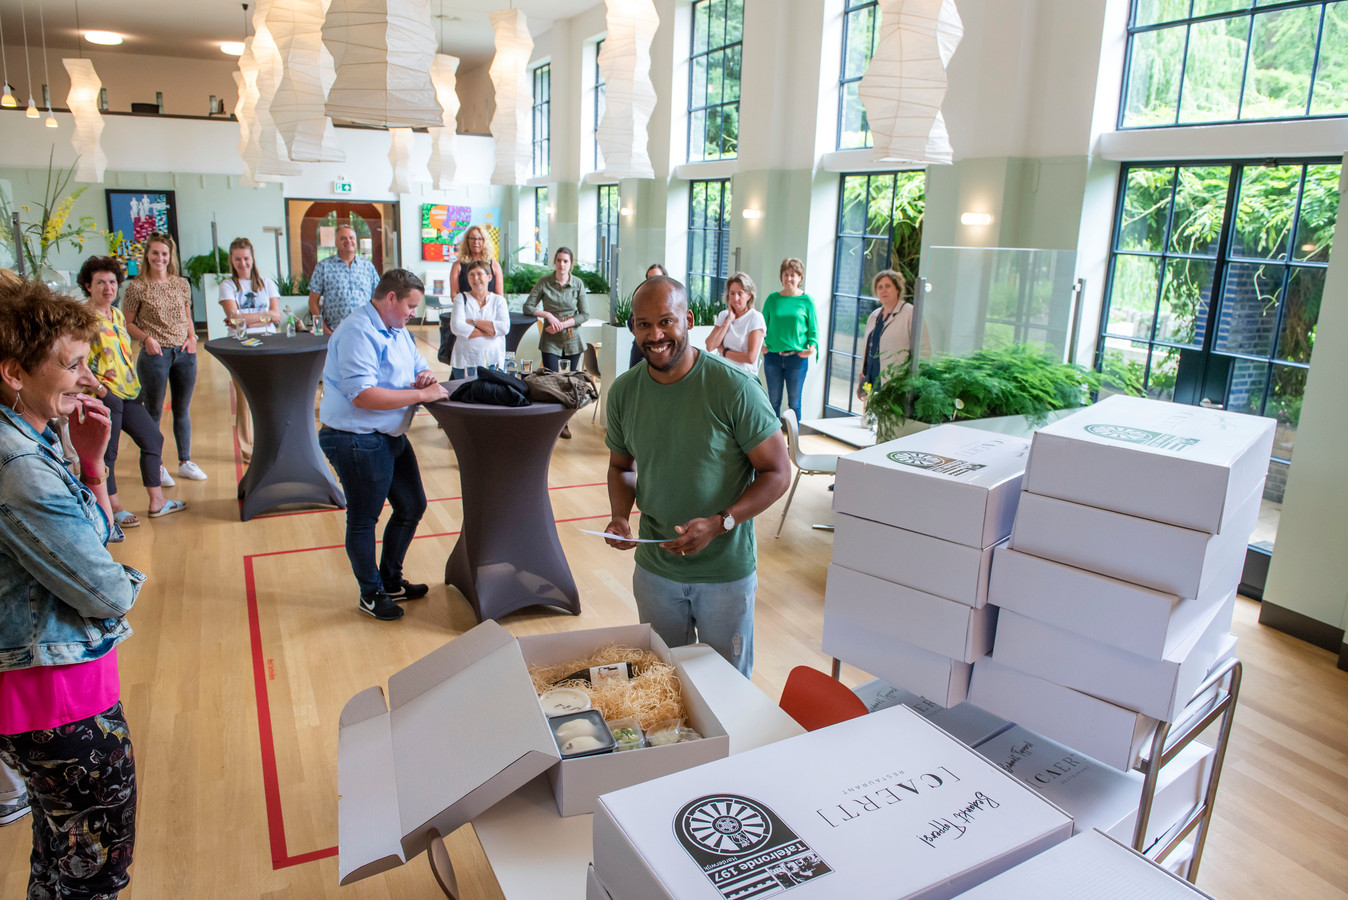 Dennis Niemel van de Tafelronde Harderwijk reikt dinerboxen uit aan 75 medewerkers van Medicamus Spoedpost Harderwijk, Corona kernteam 's Heerenloo en groepsmedewerkers 's Heerenloo en Groot Emaus.